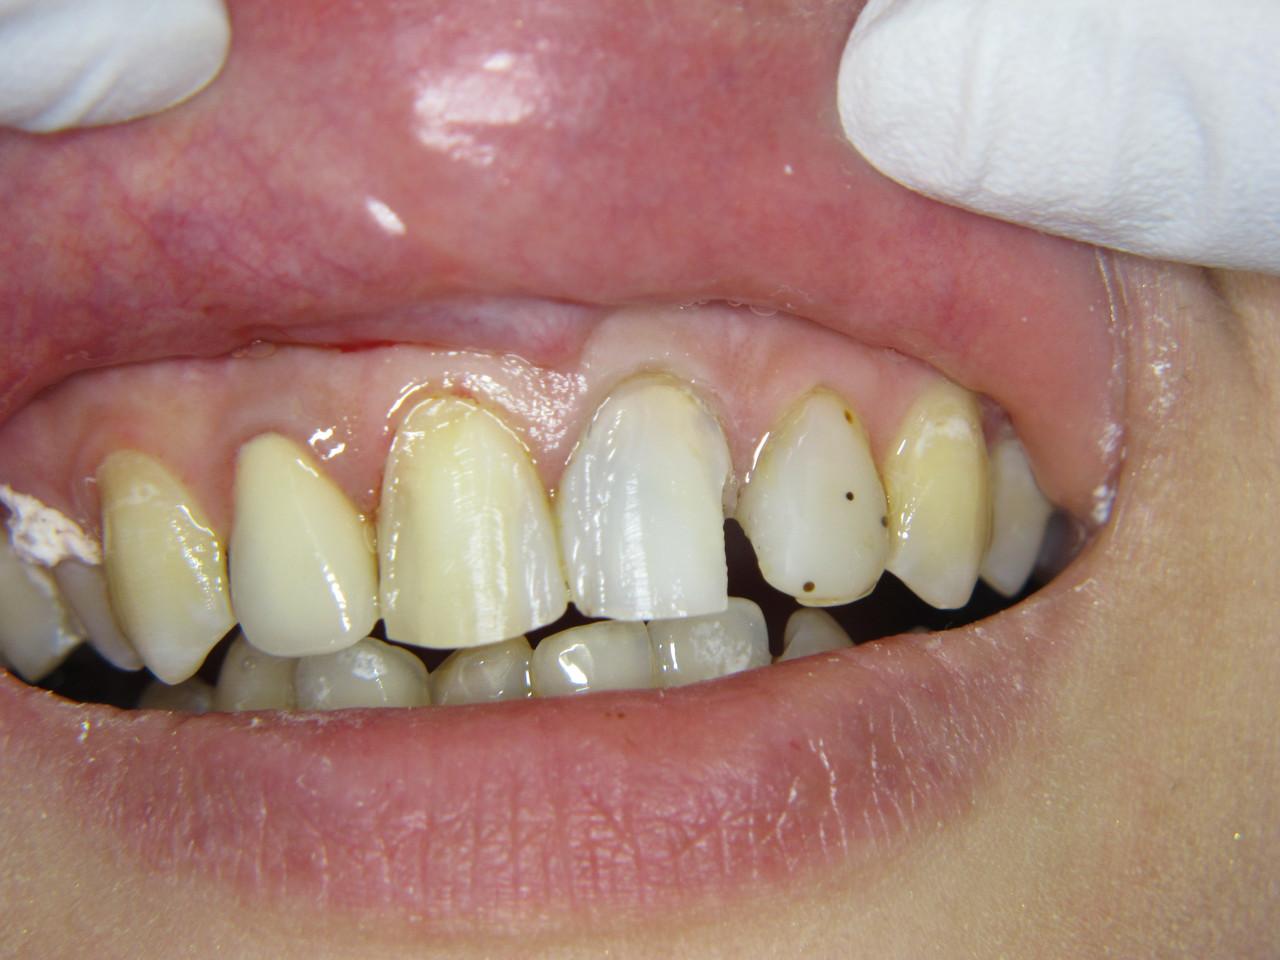 Рис. 5. Вид зубов 1.1 и 2.1 после удаления «старых» пломб.